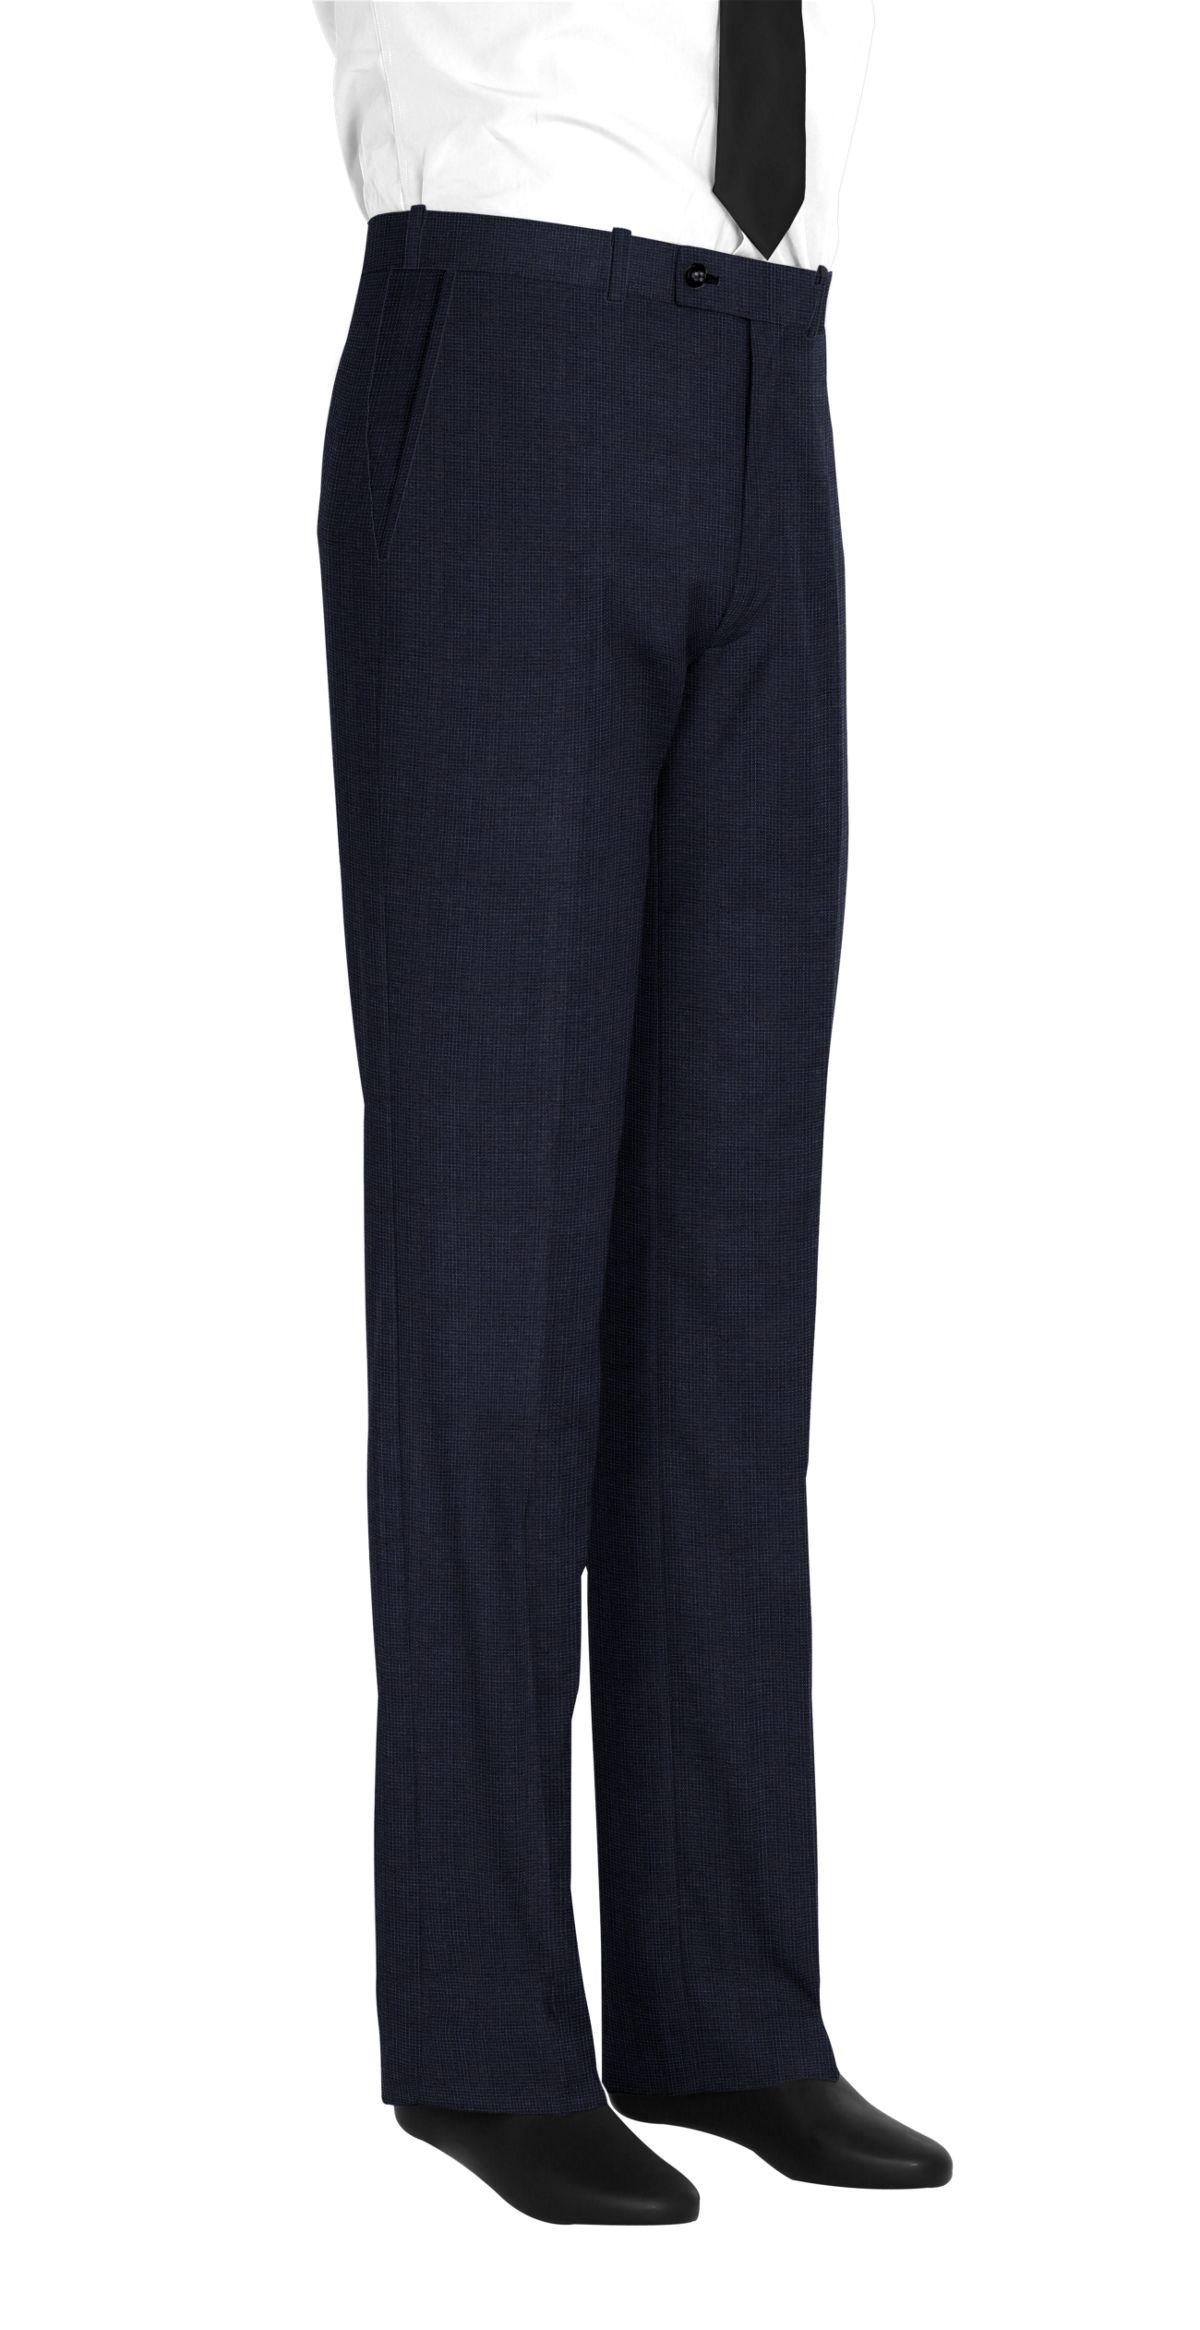 Pantalon homme sur mesure et personnalisé bleu uni  bas simple sans revers